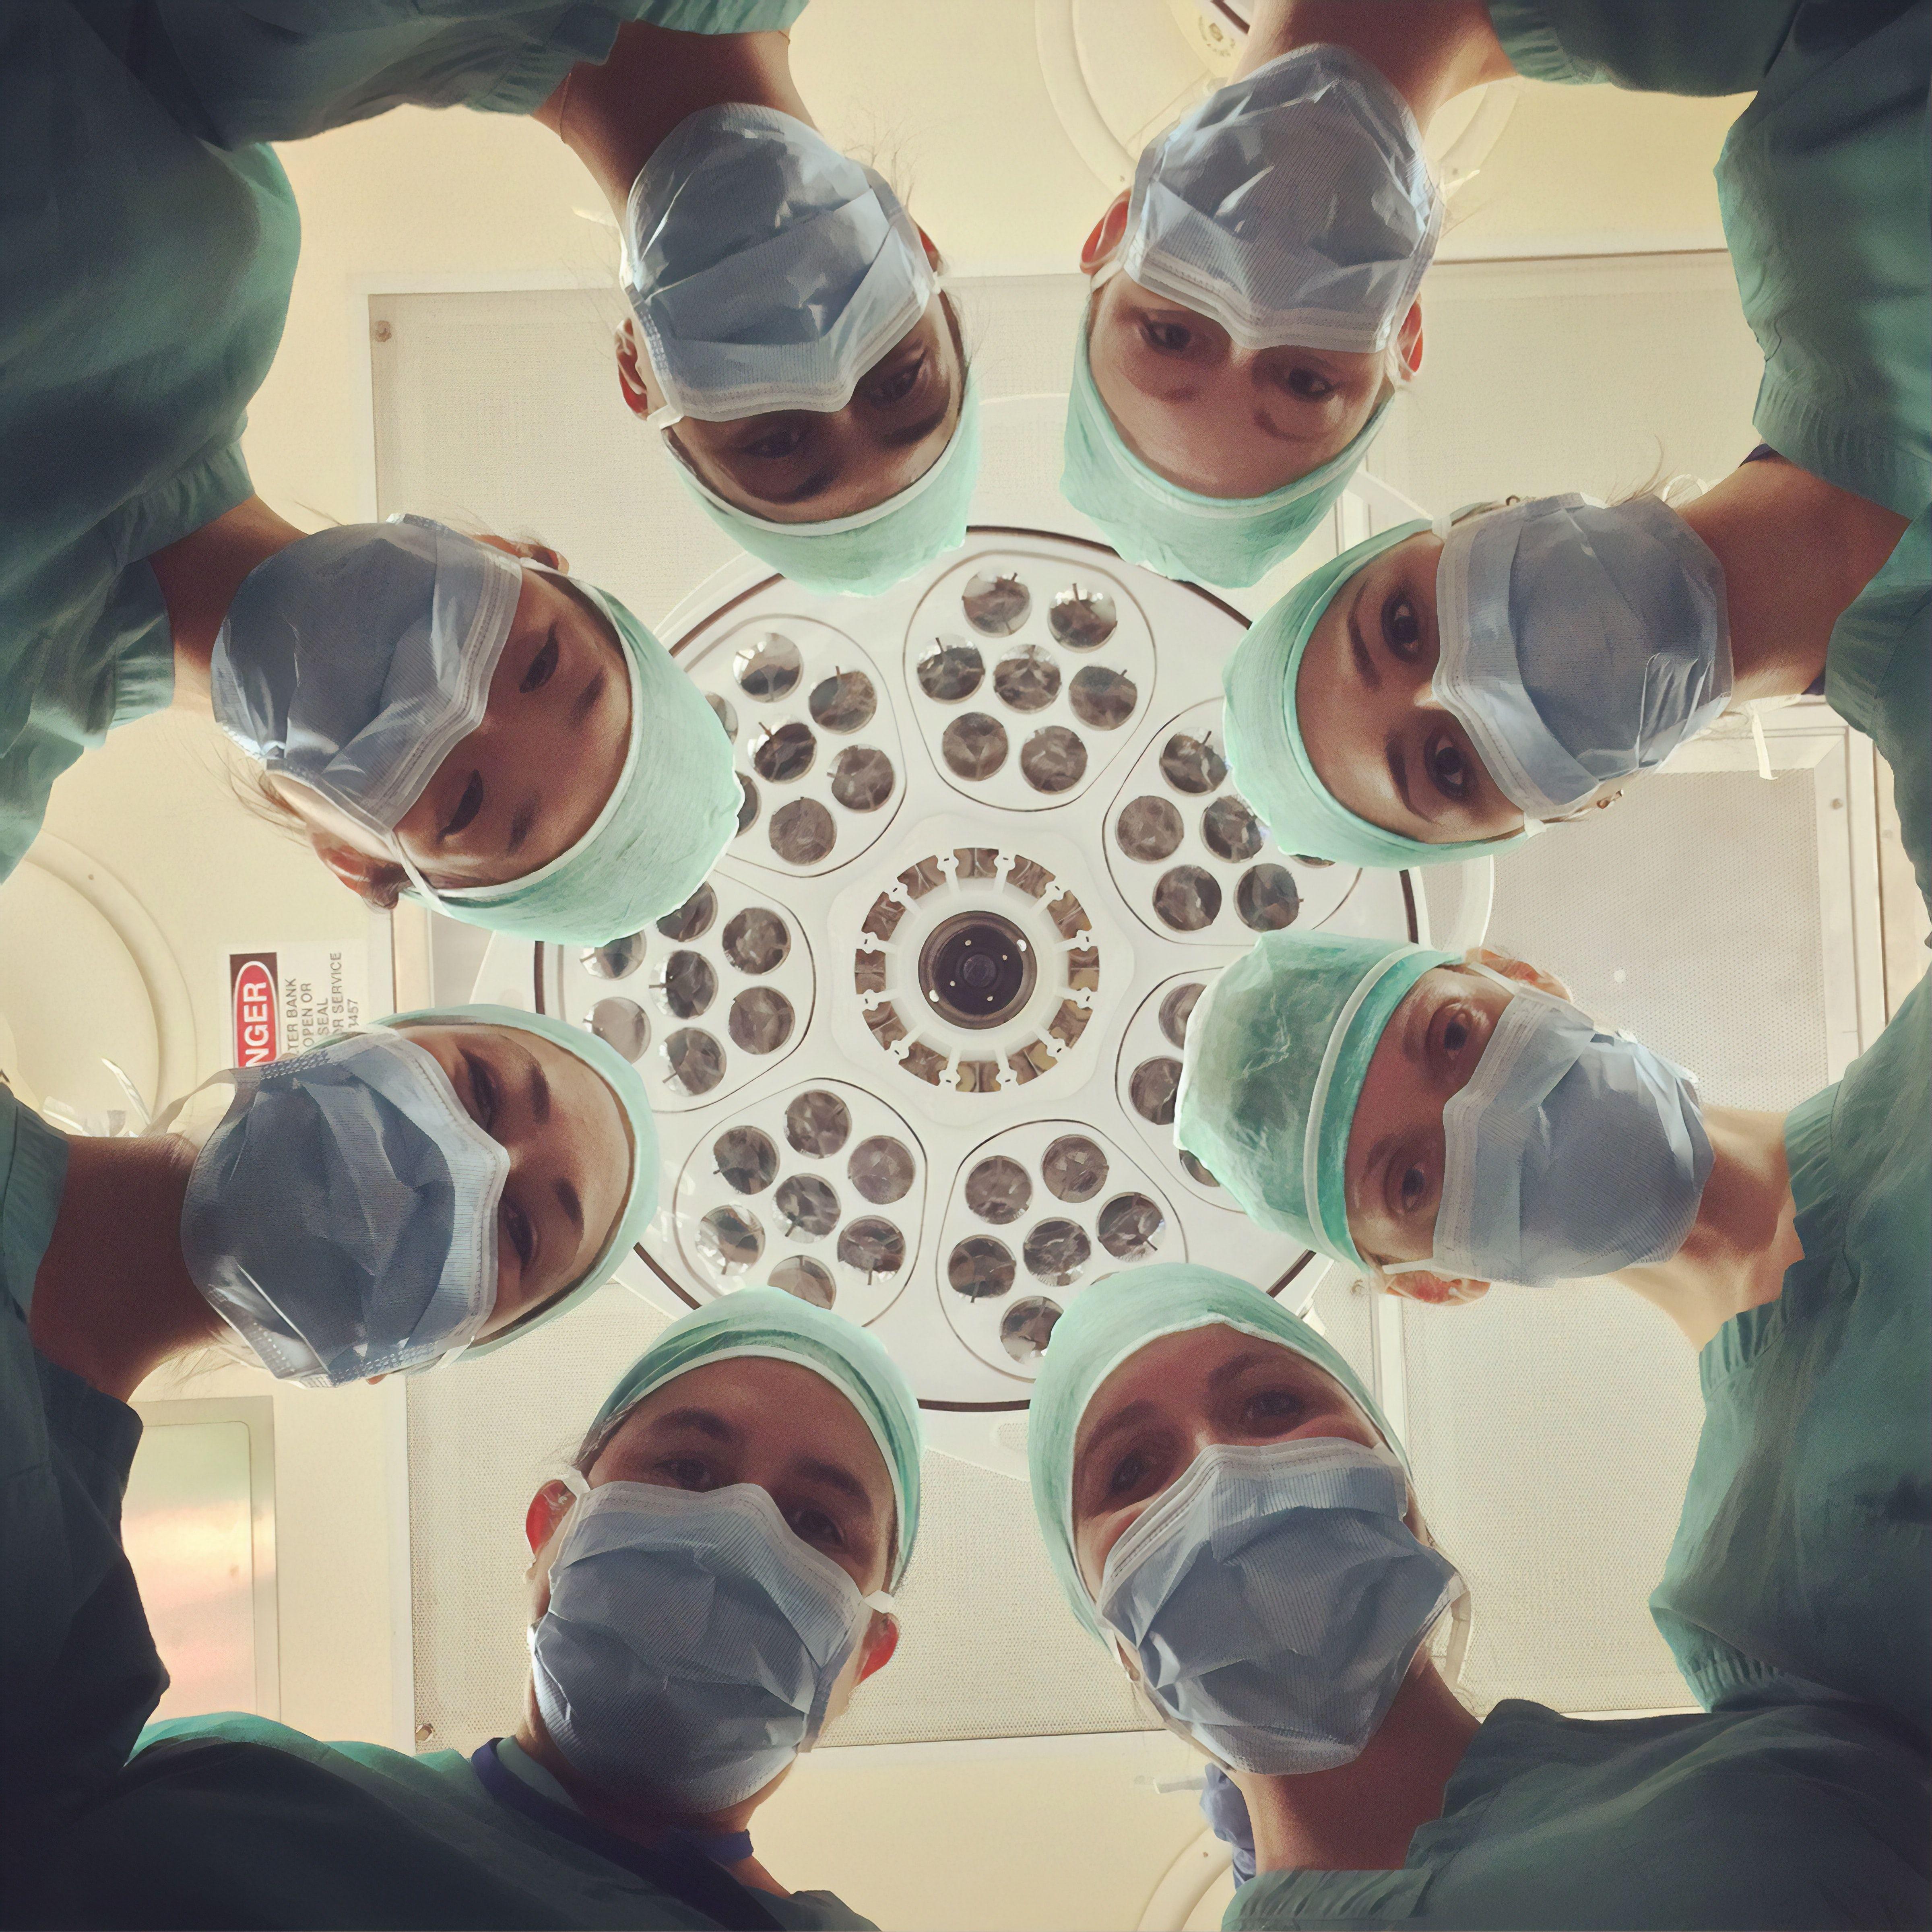 Chirurgai operacinėje palinkę virš stalo